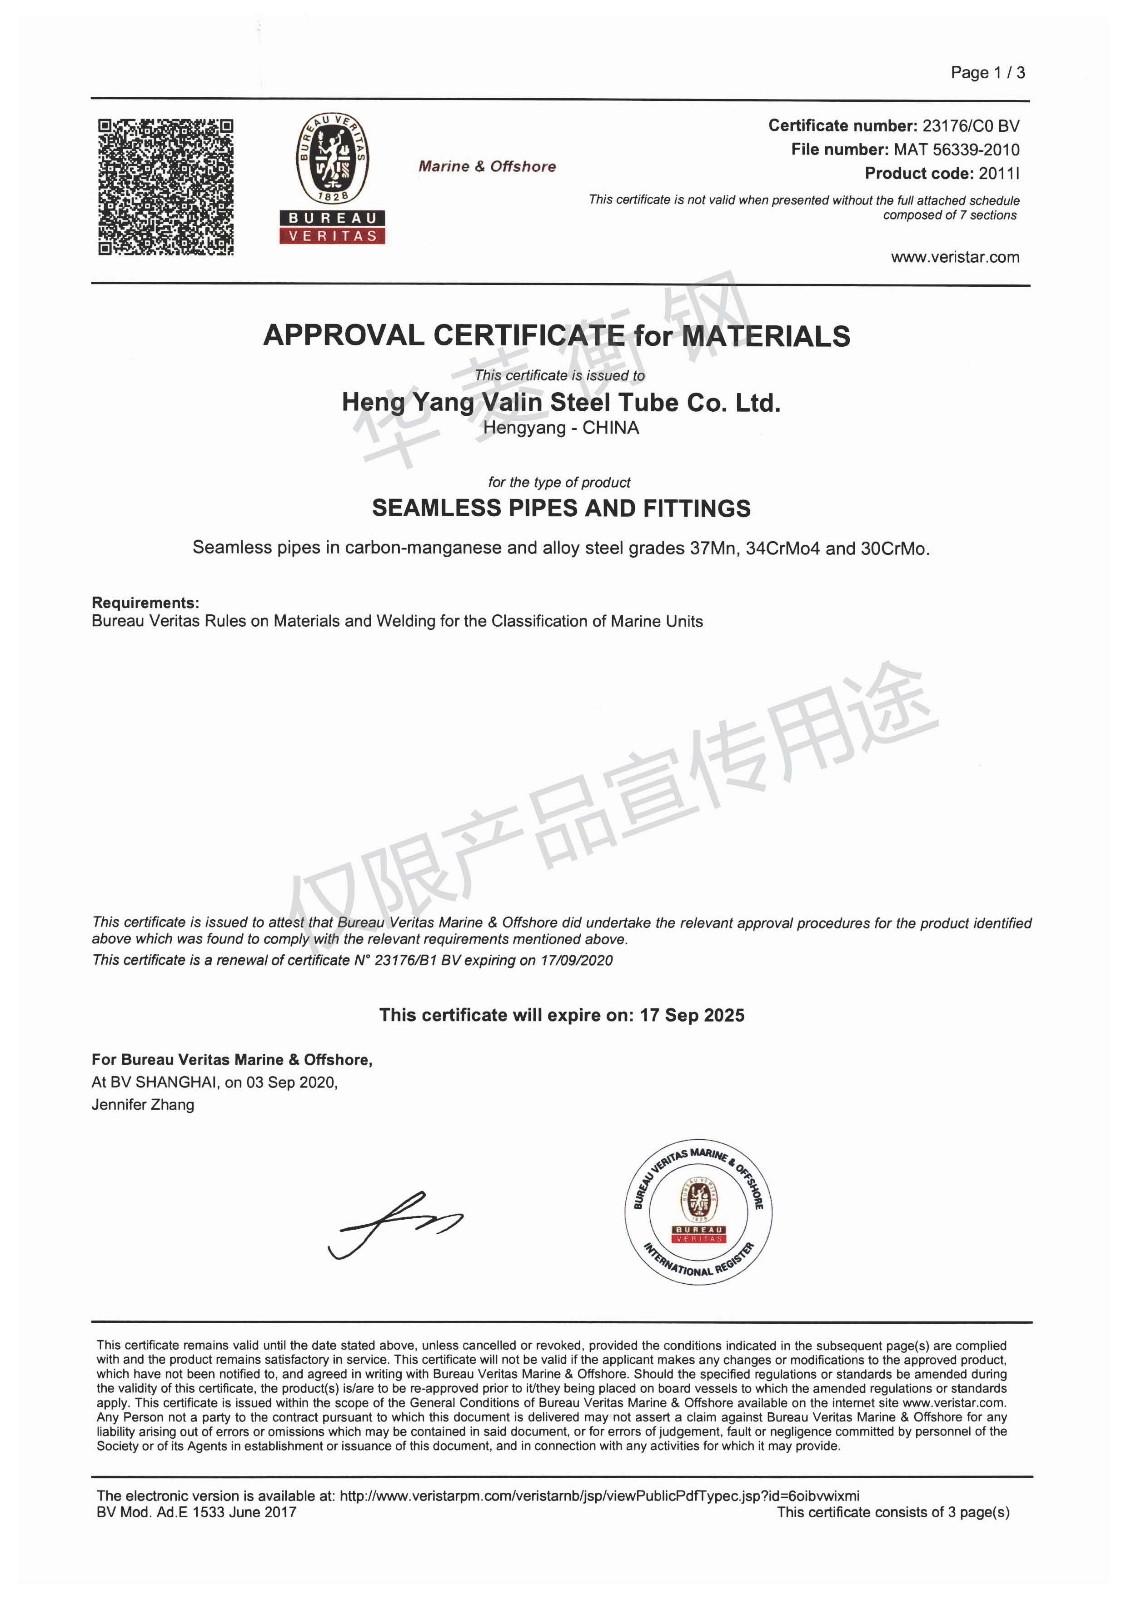 法国BV船级社气瓶管认可证书